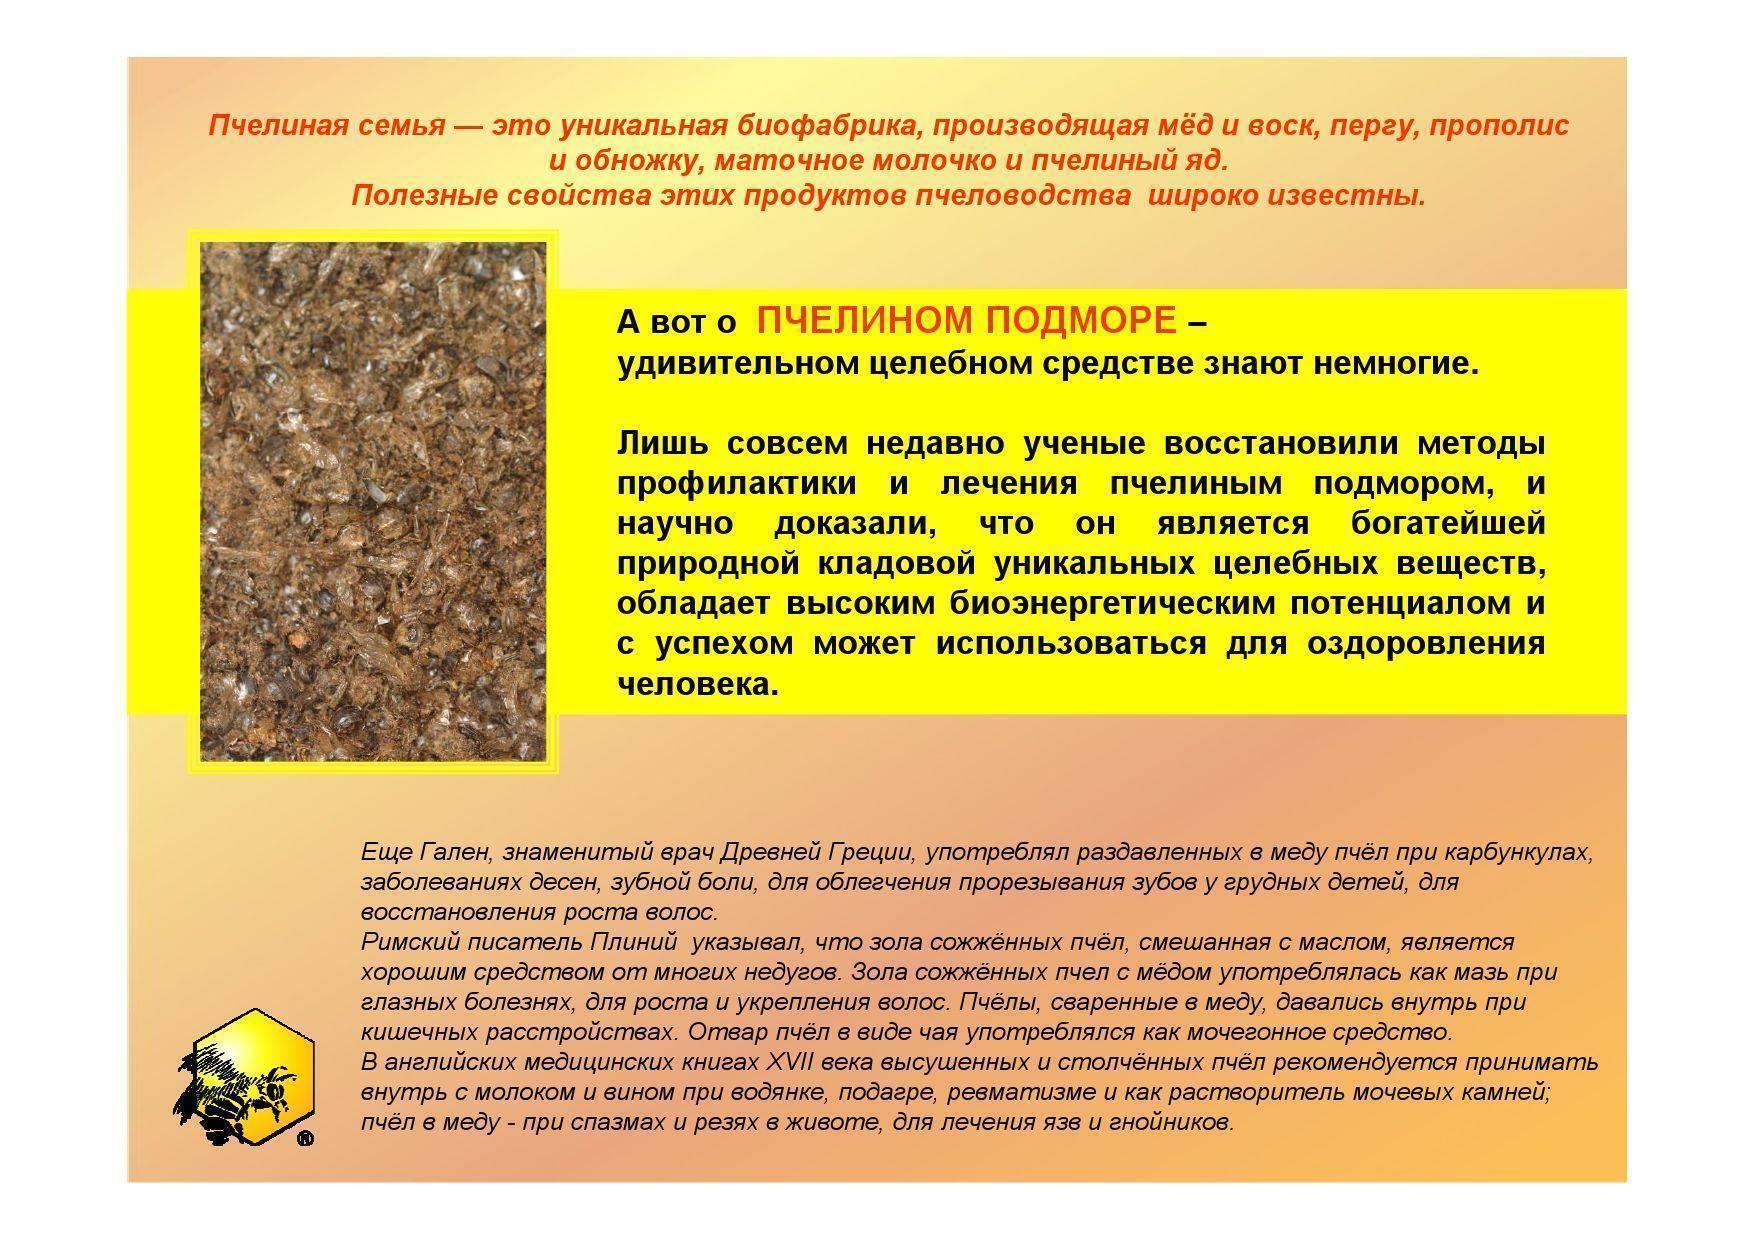 Пчелиный подмор: от чего помогает, польза и вред, применение   здоровье и красота